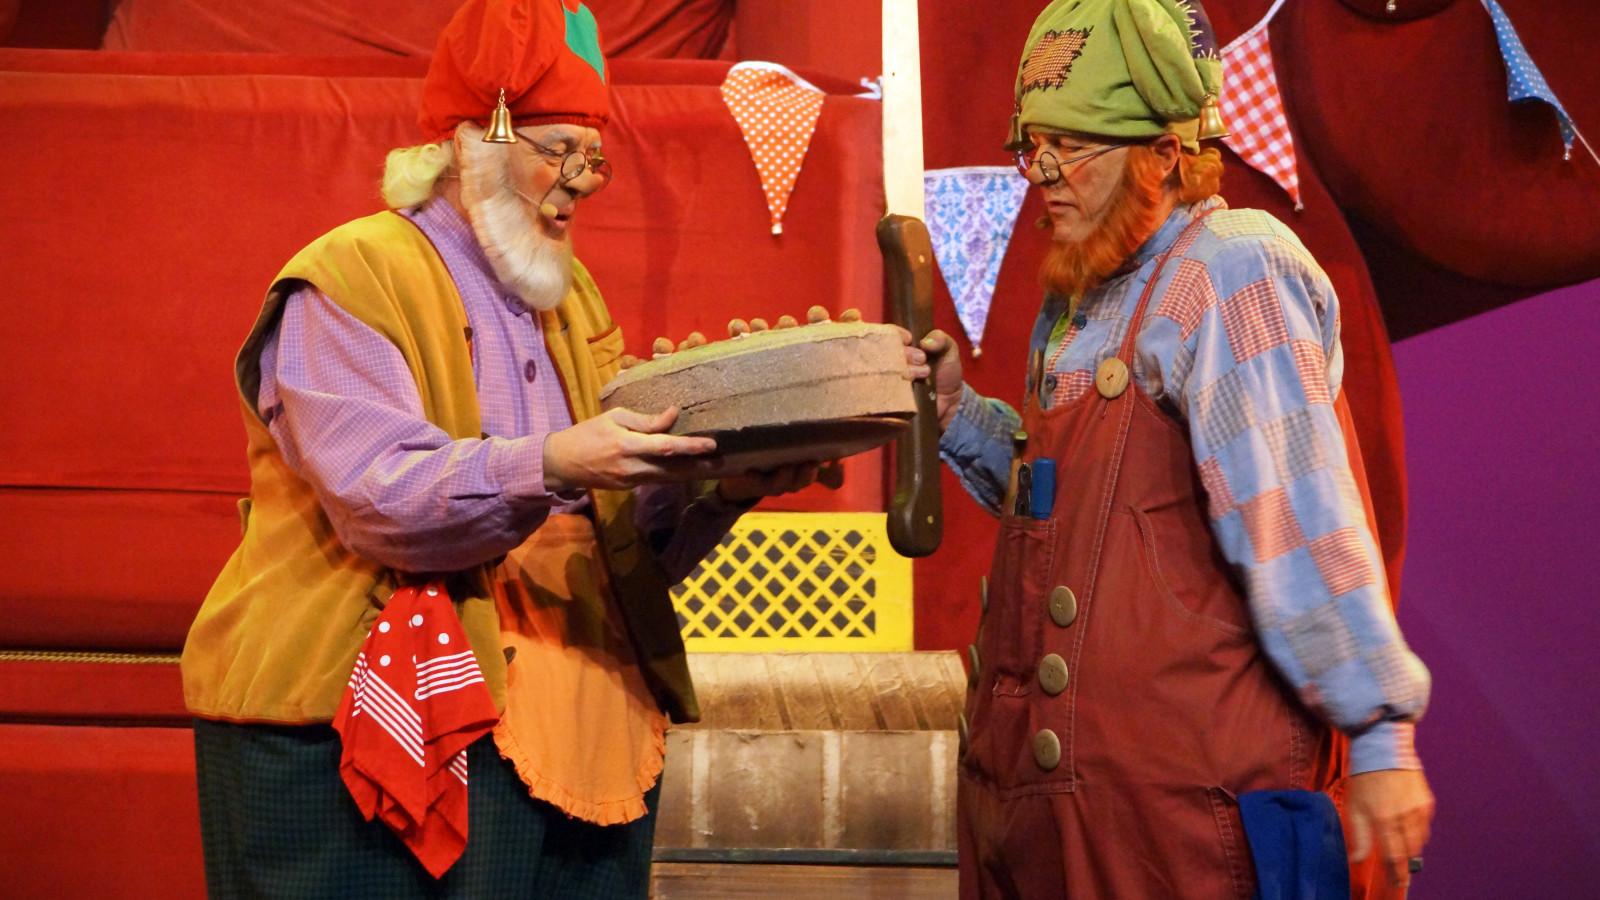 Kabouter Plop viert 20e verjaardag in Plopsaland De Panne